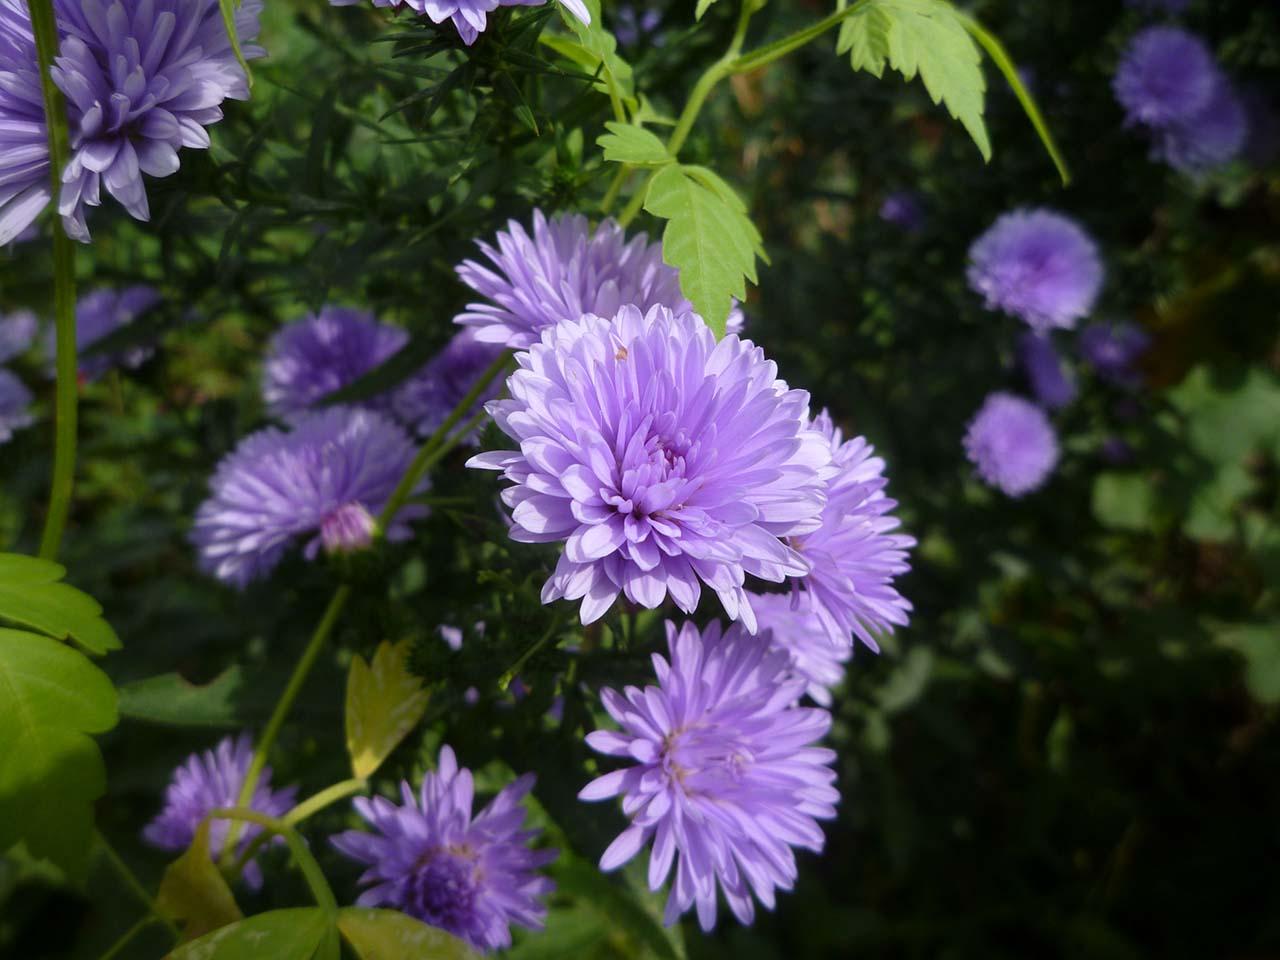 Hình ảnh cây hoa màu tím đẹp